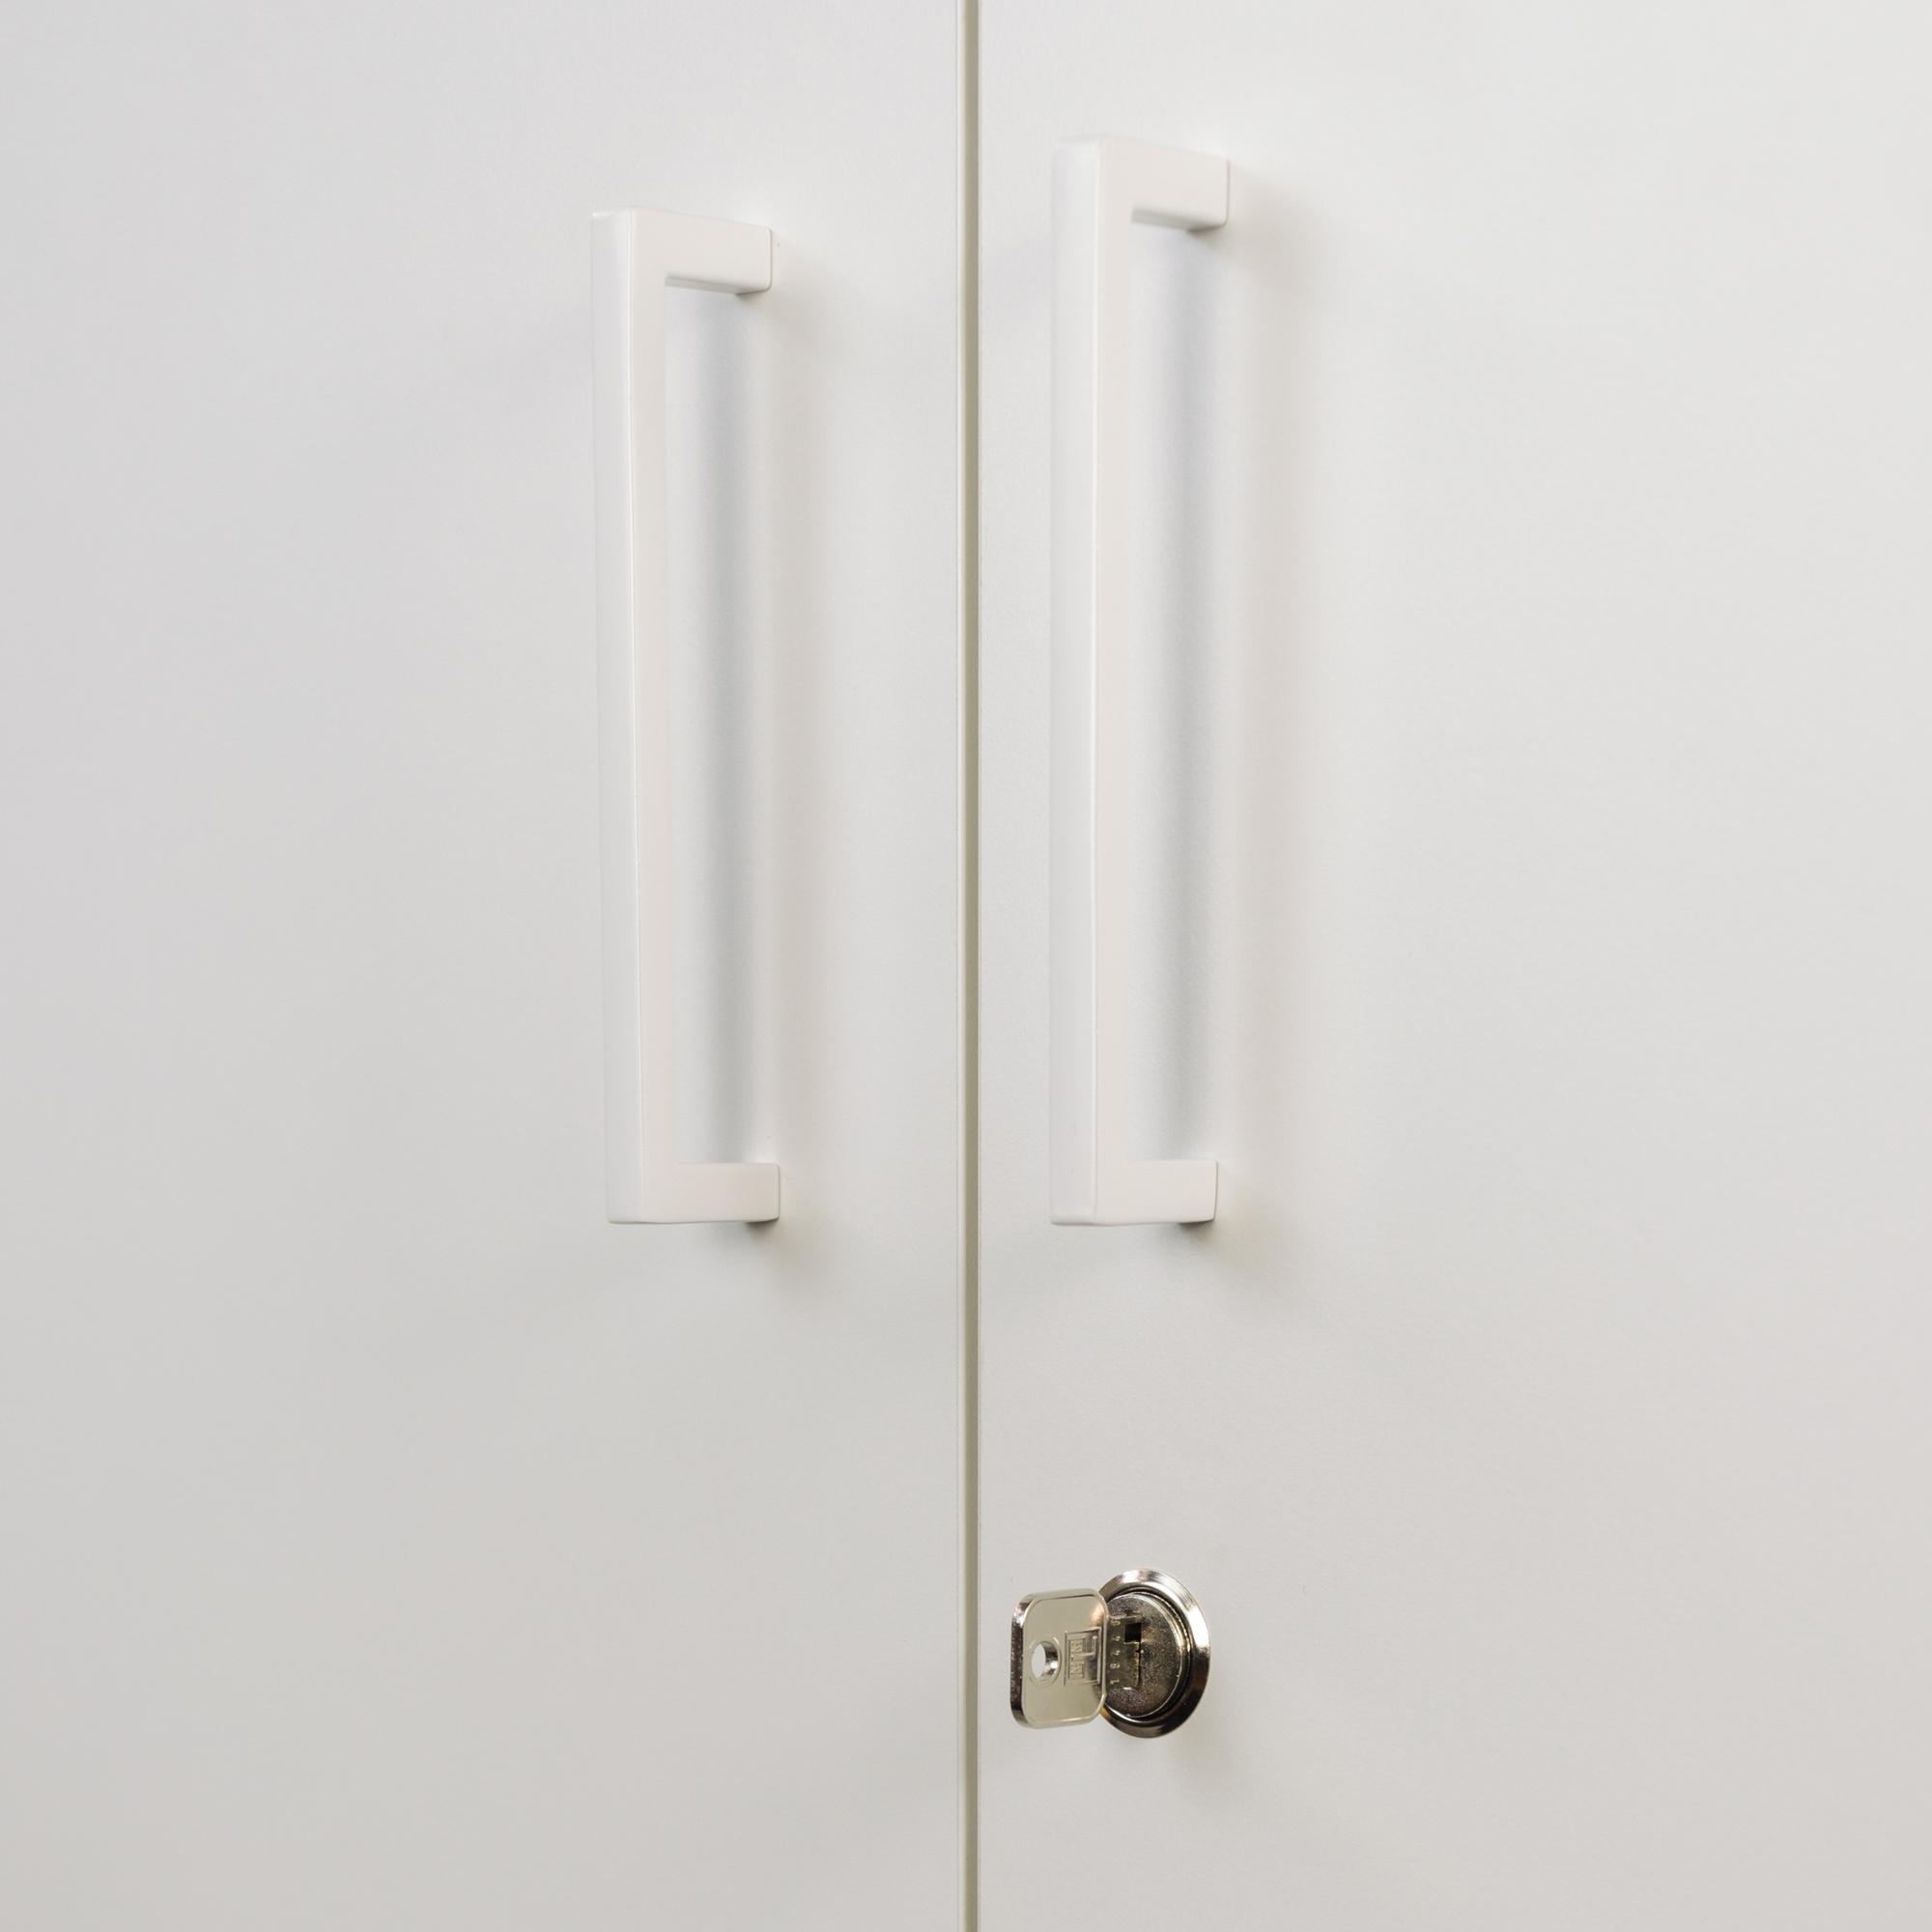 PROFI Schrankwand abschließbar Schrank Büroschrank Flügeltürenschrank Kombischrank 5 OH Ahorn/Weiß